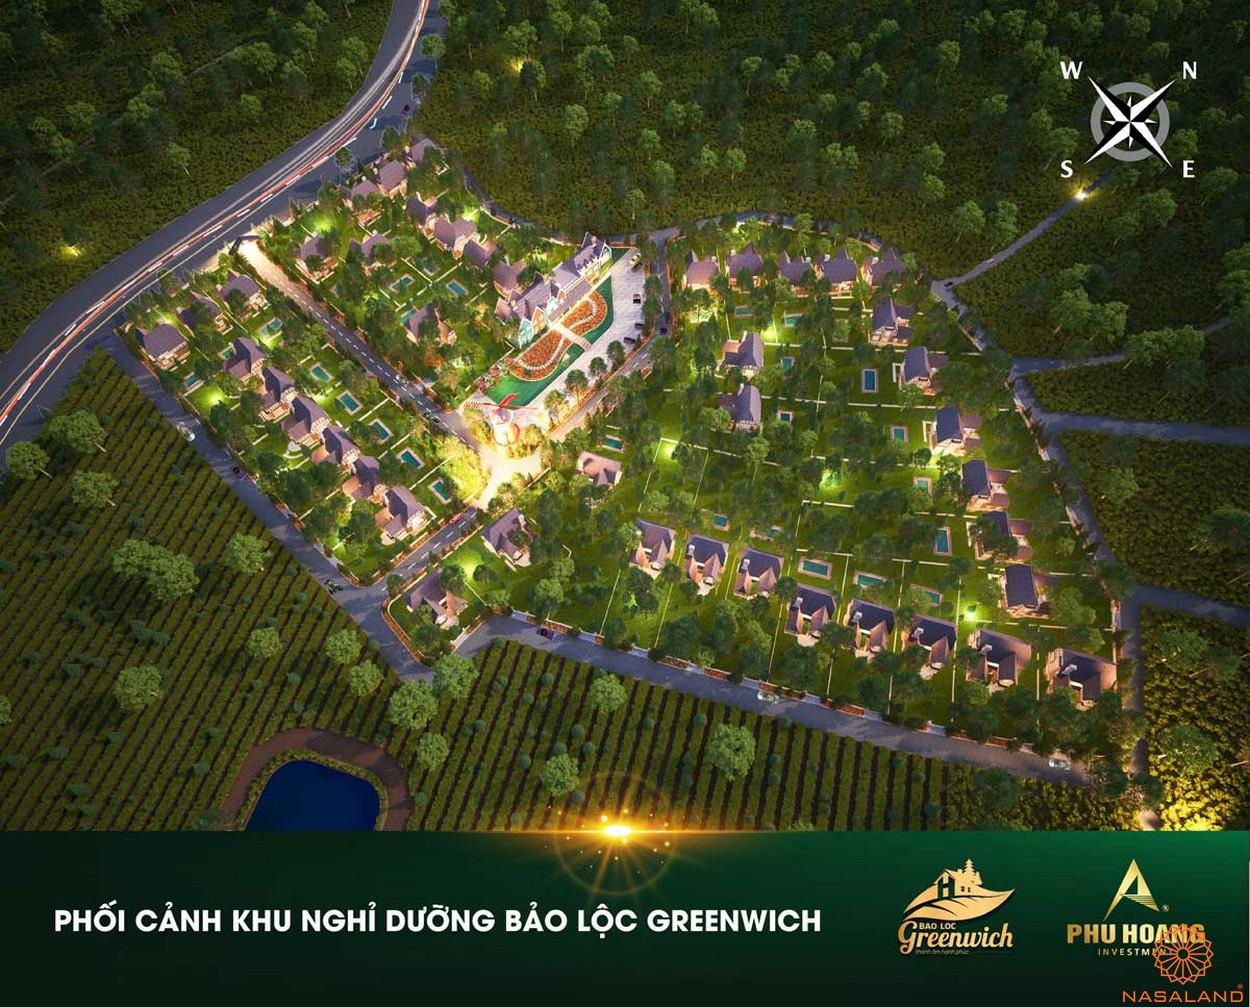 Phối cảnh dự án Bảo Lộc Greenwich Lâm Đồng